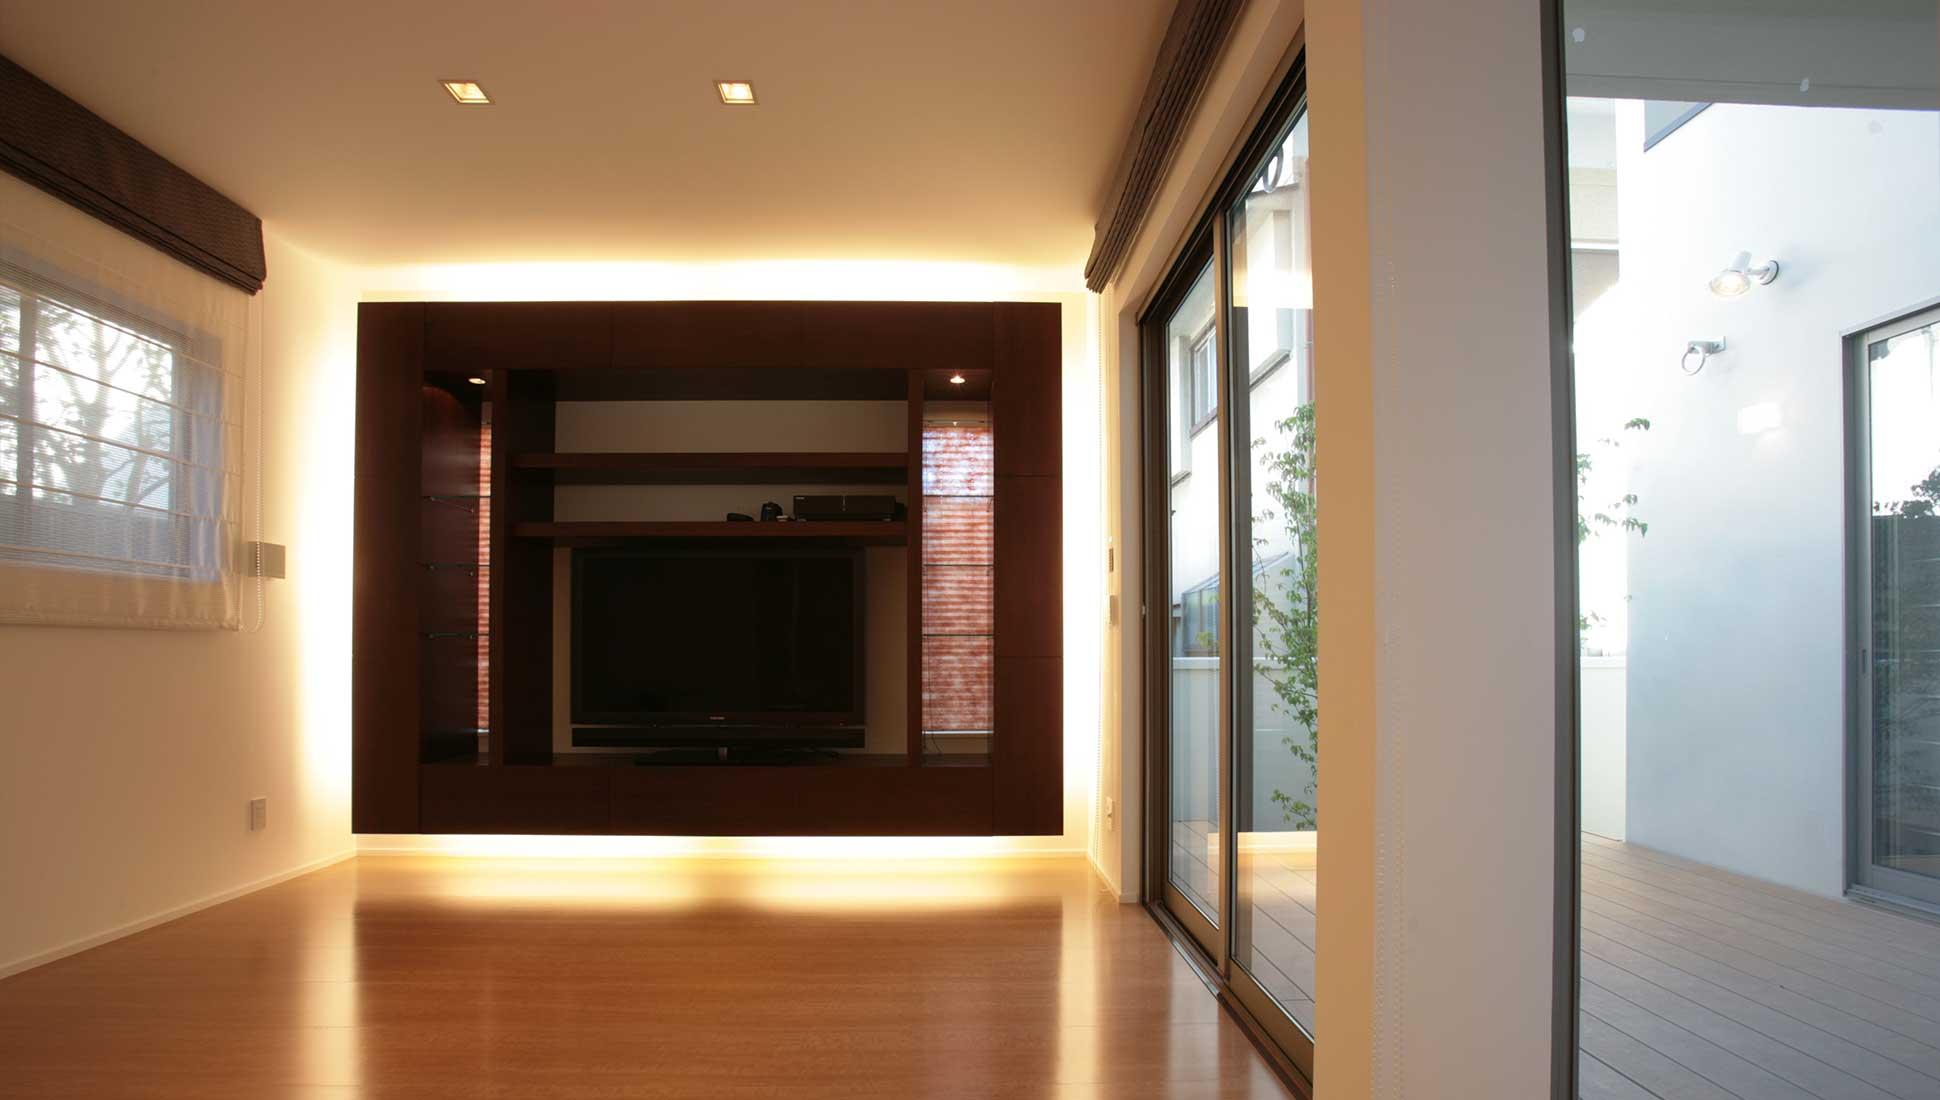 リビングテレビボード:中庭のある二世帯住宅 千葉市